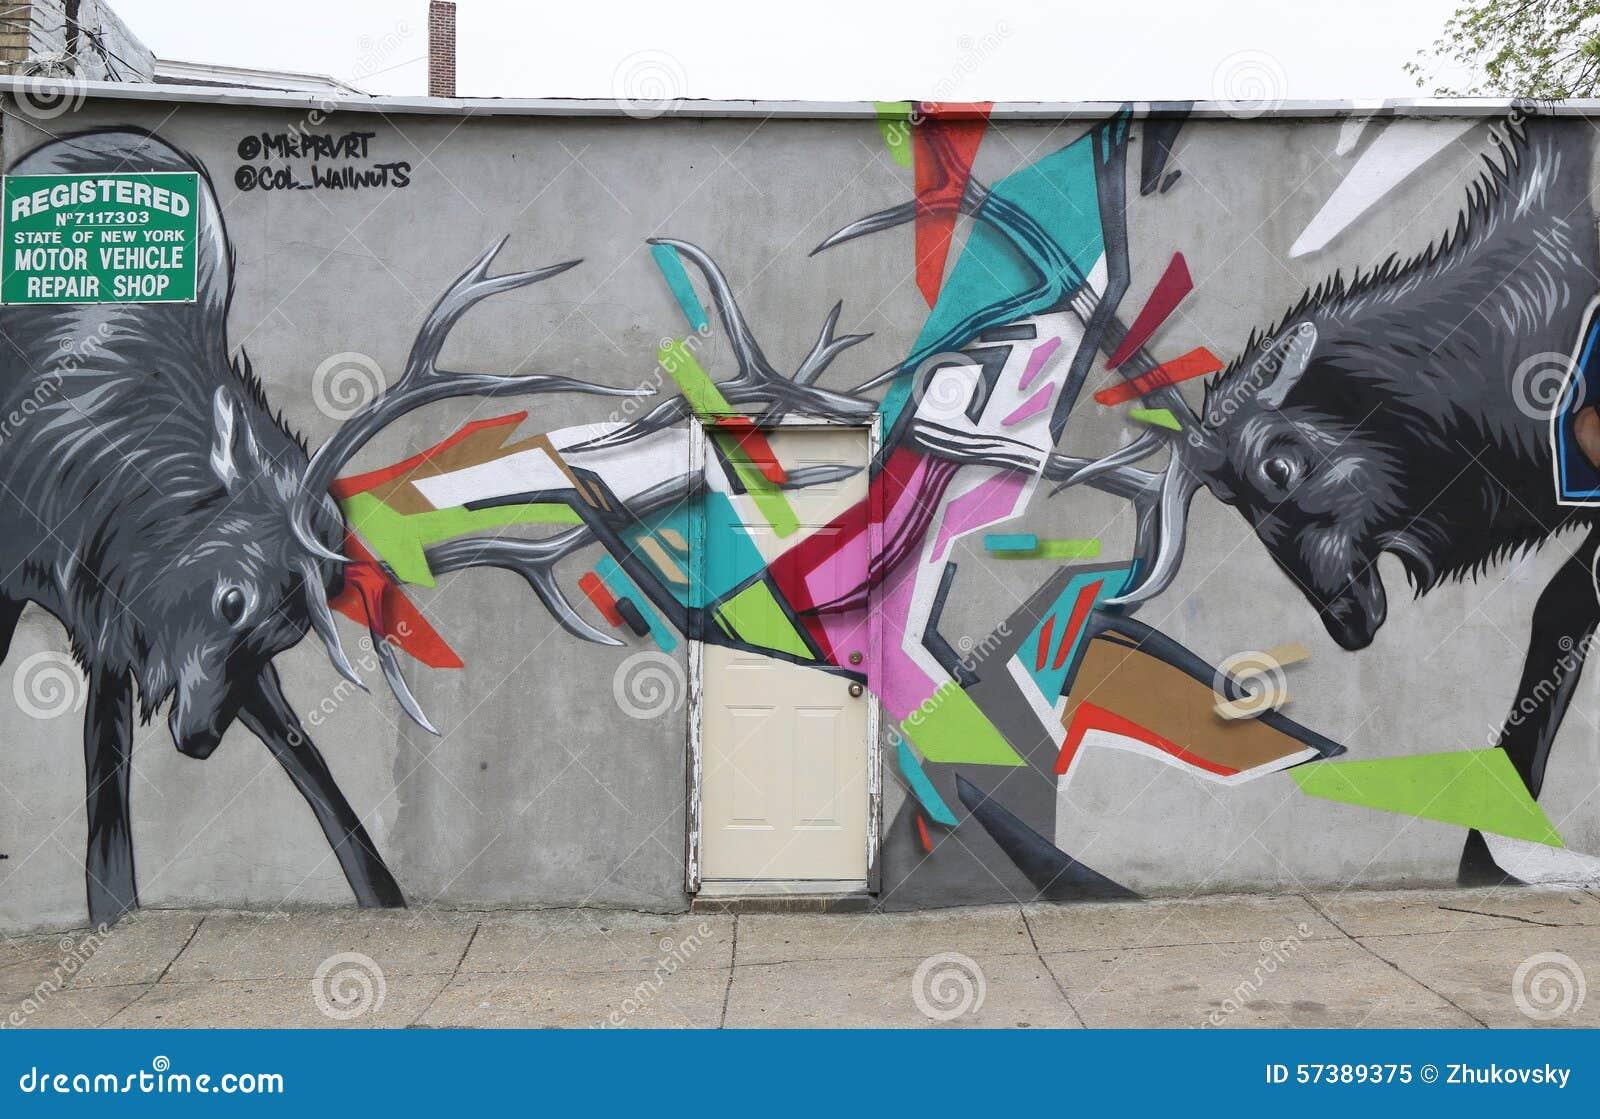 De muurschilderingkunst bij centrum-fuge-centreert Project in Staten Island, NY